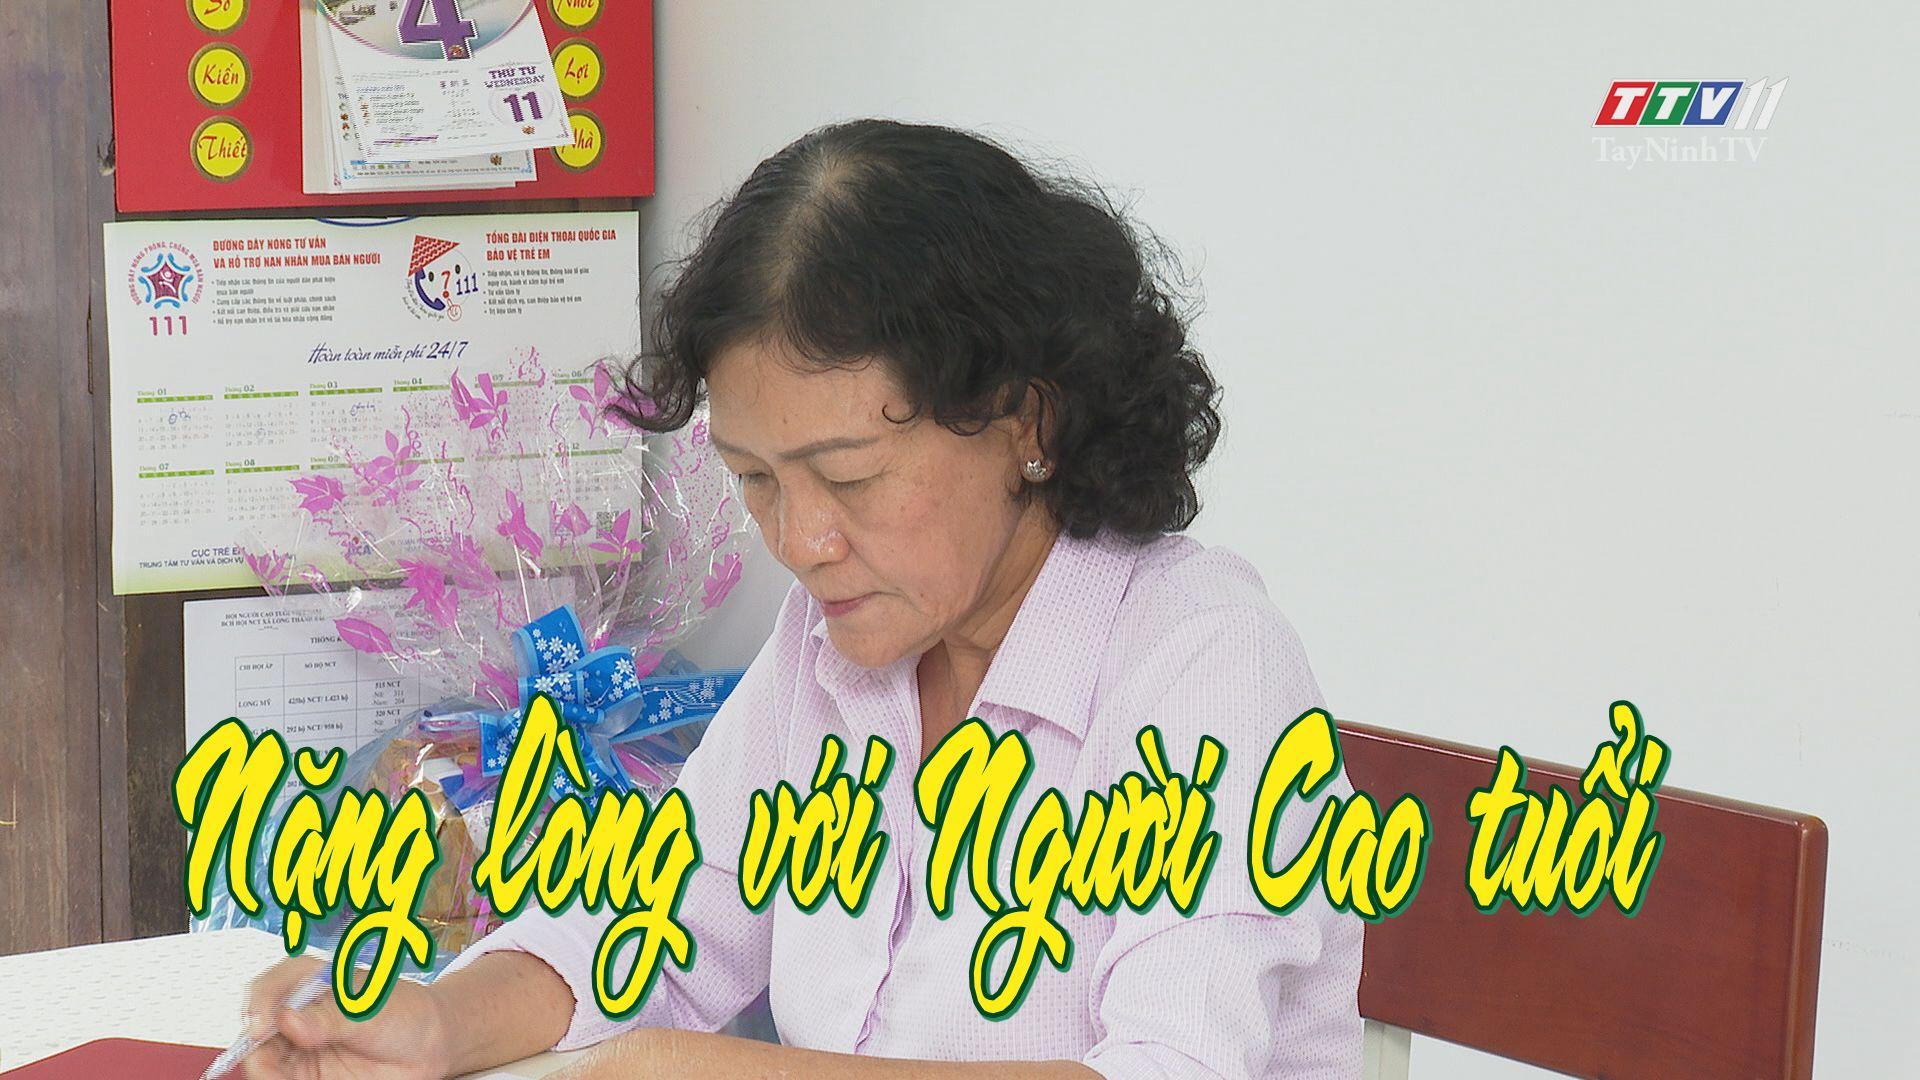 Nặng lòng với người cao tuổi | HỌC TẬP VÀ LÀM THEO TỬ TƯỞNG HỒ CHÍ MINH | TayNinhTV